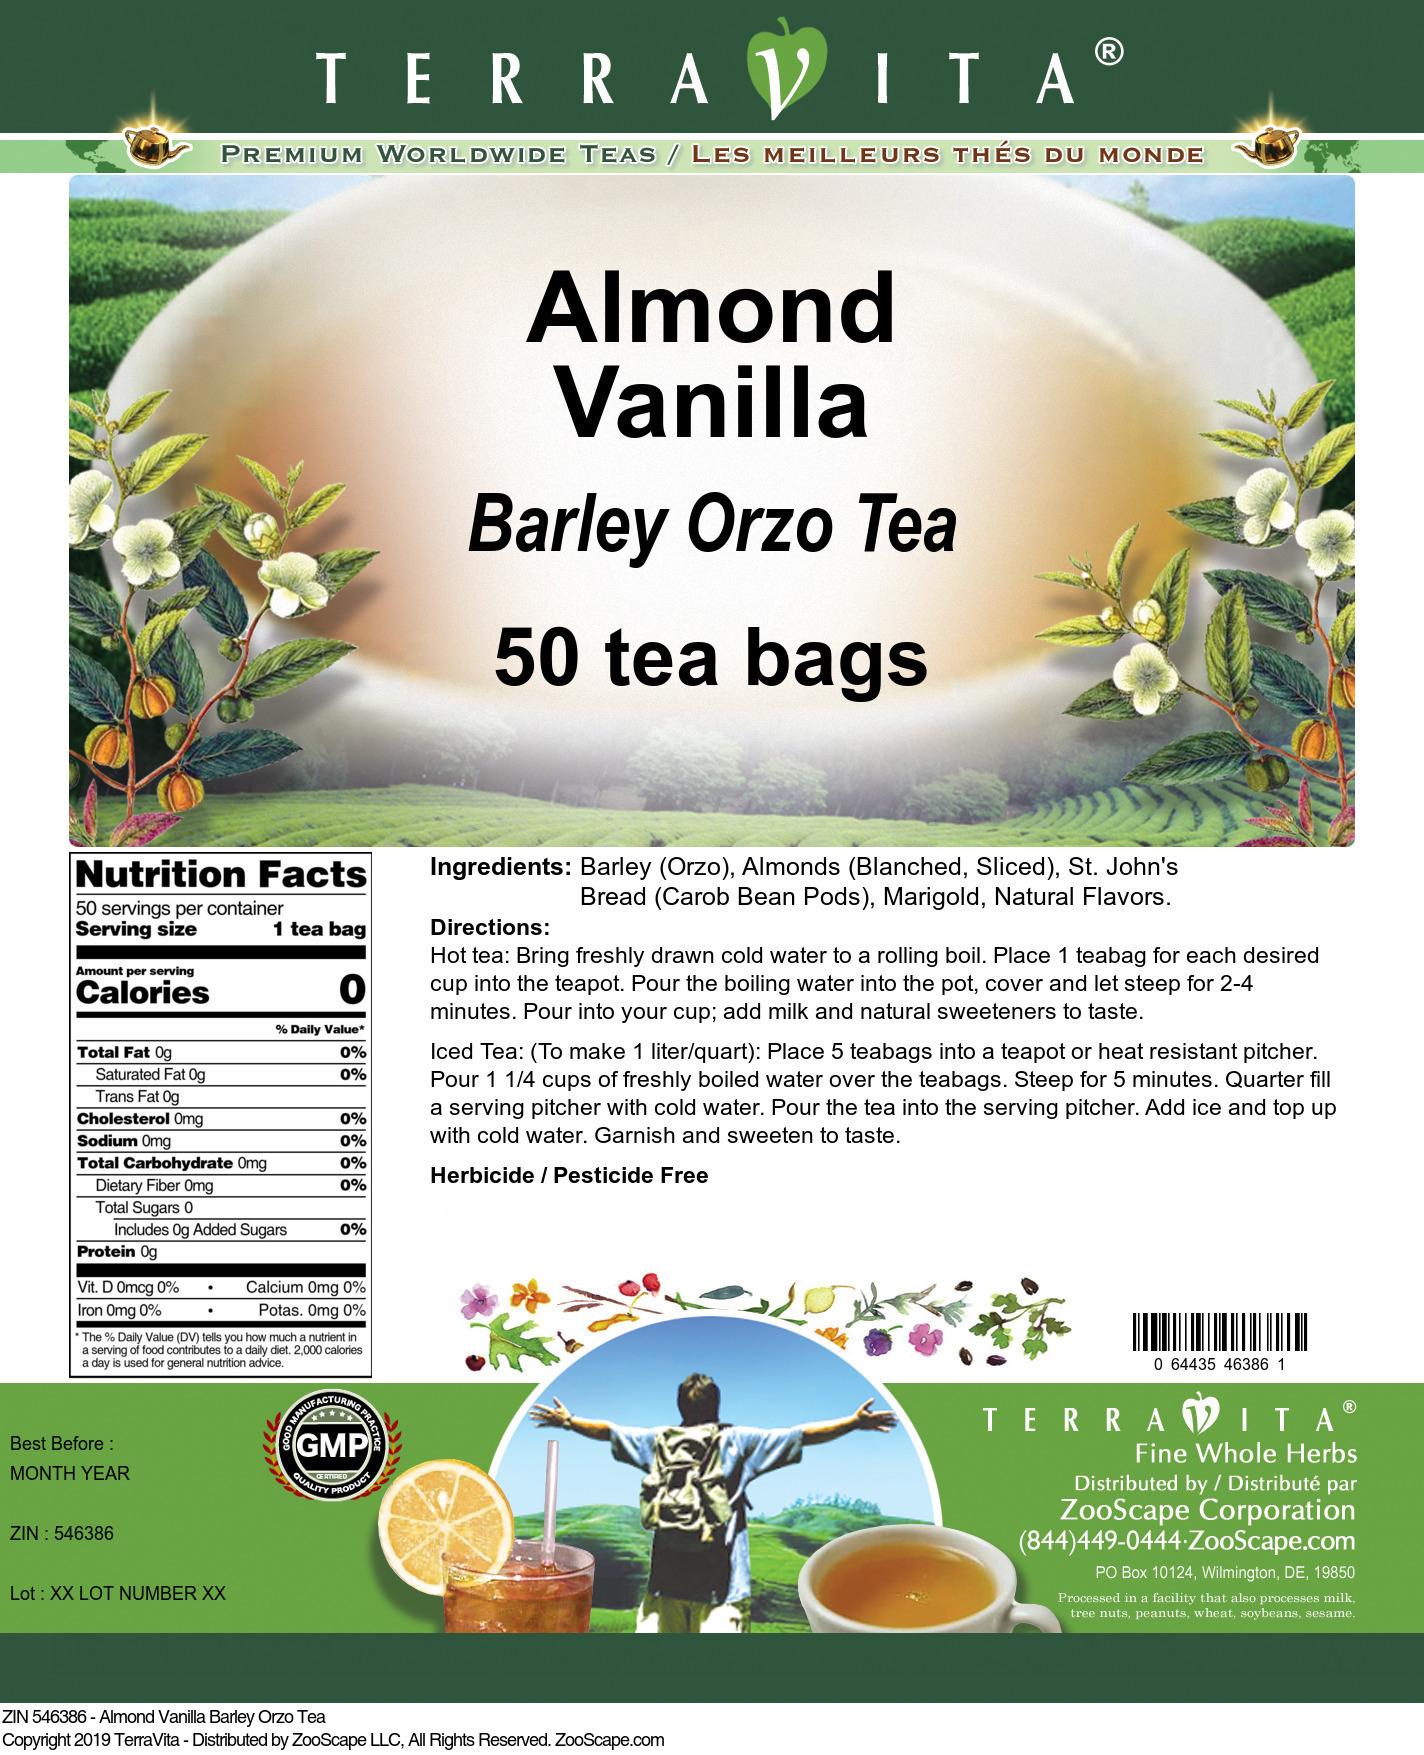 Almond Vanilla Barley Orzo Tea